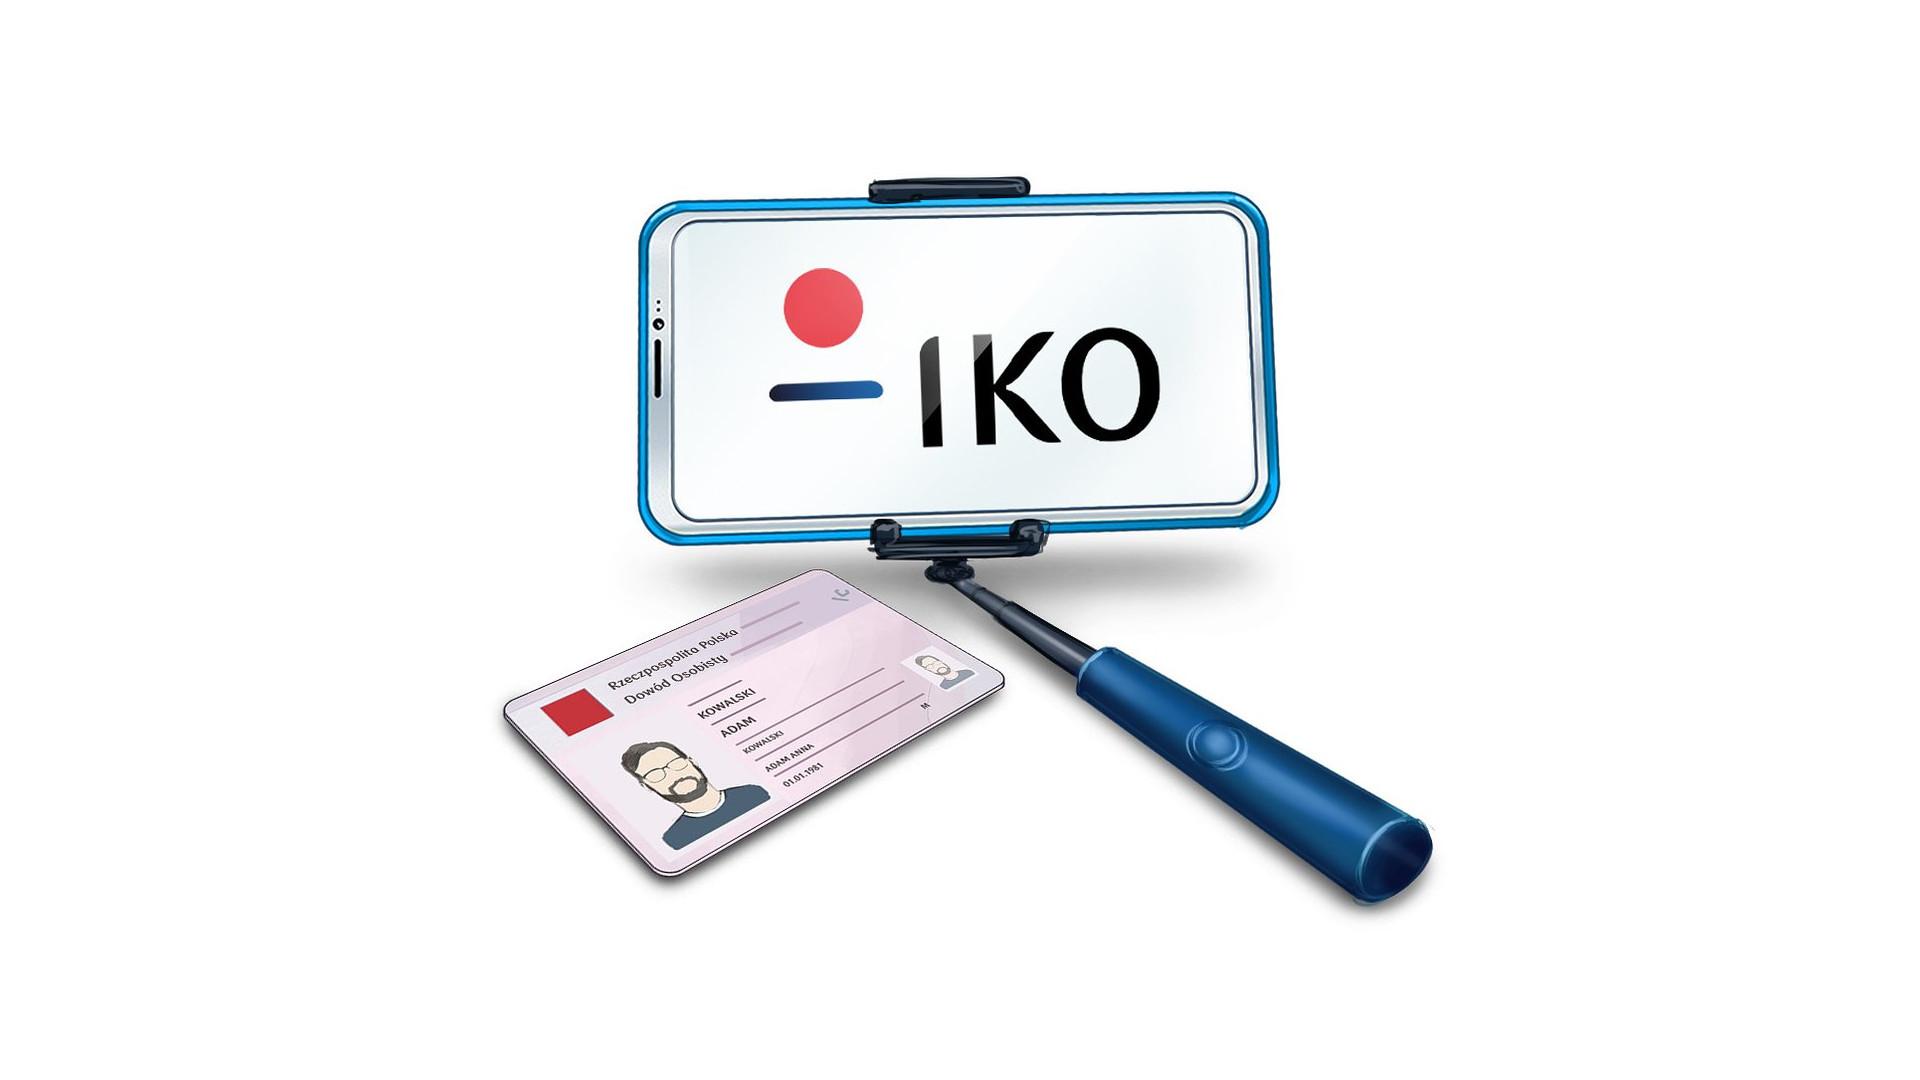 Załóż konto na selfie w PKO BP - kolejny bank z opcją zdalnej weryfikacji tożsamości 16